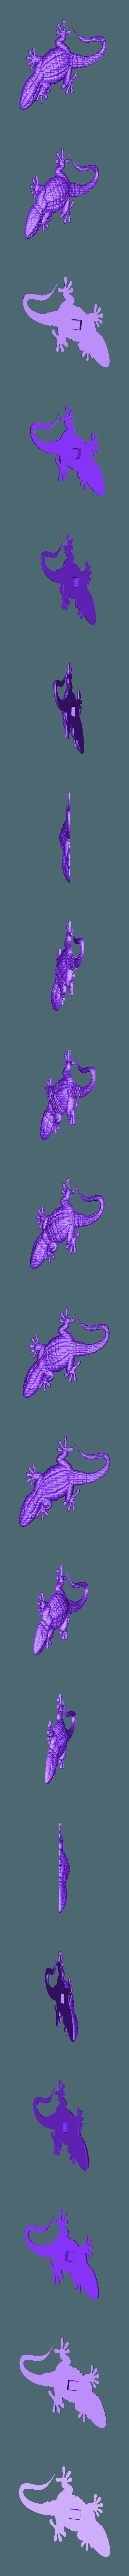 Gecko.stl Download free STL file Gecko • Design to 3D print, 3DWP